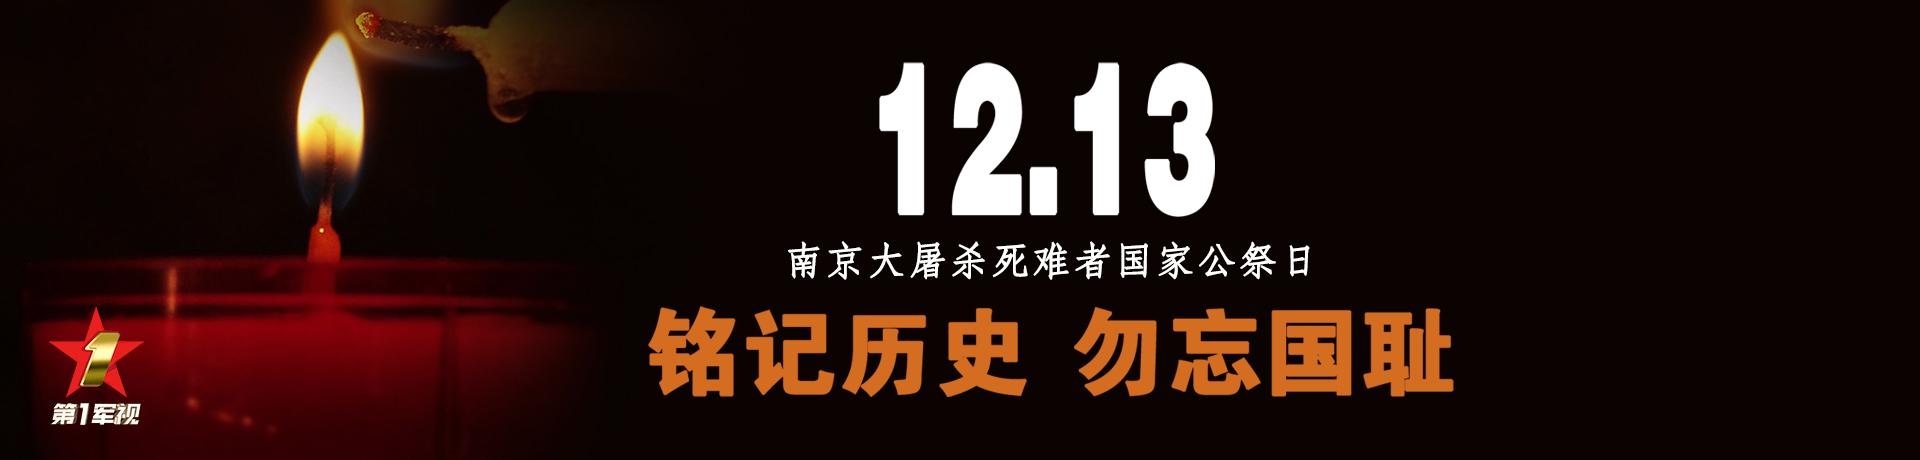 【第一军视】国家公祭日:今天,请走进受难者的世界